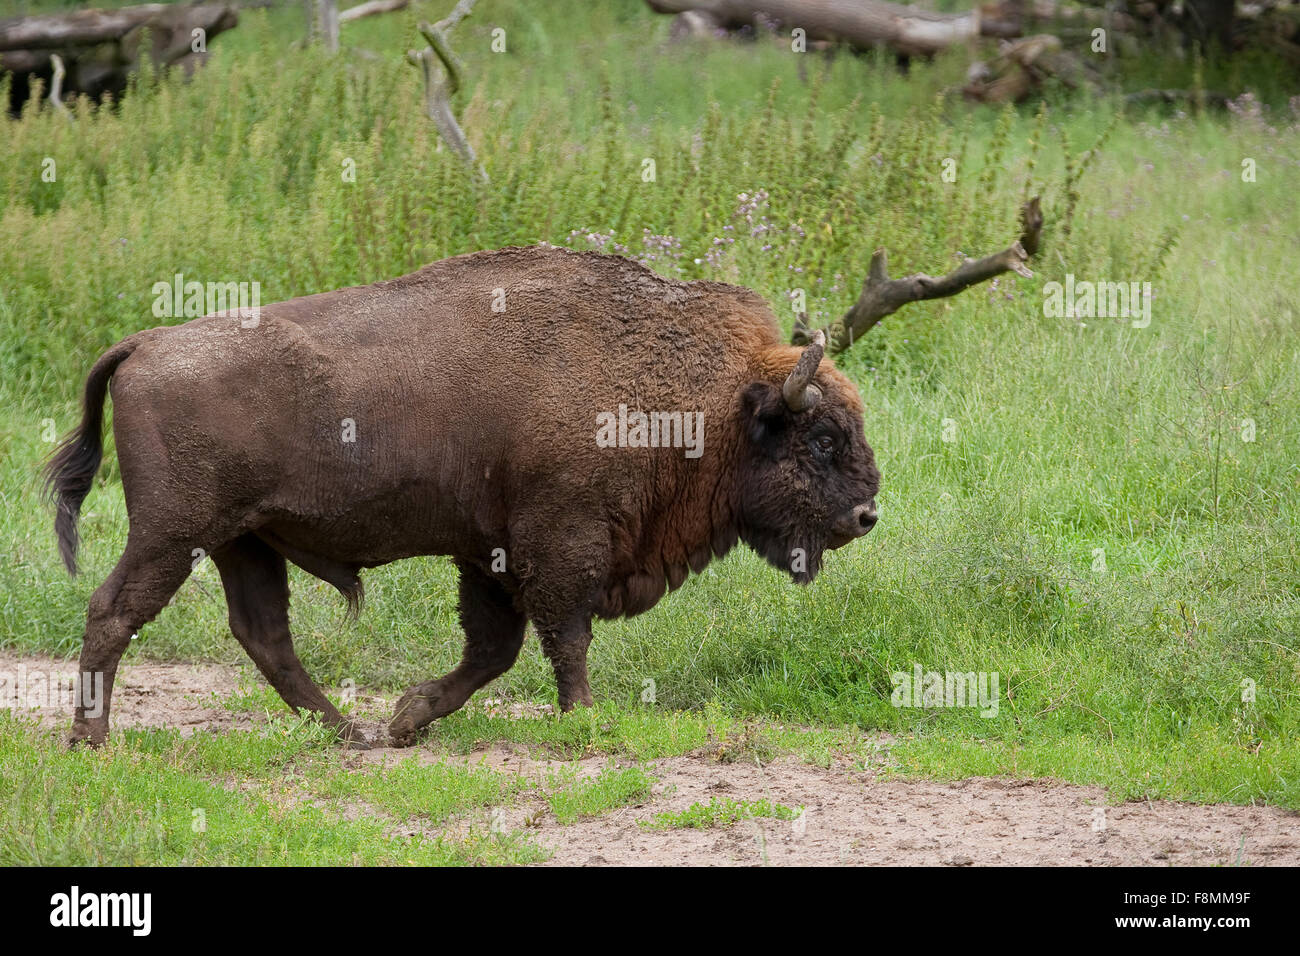 Il bisonte europeo, wisent, legno europea bison, maschio, Wisent, Männchen, Bulle, Europäisches Bison Immagini Stock